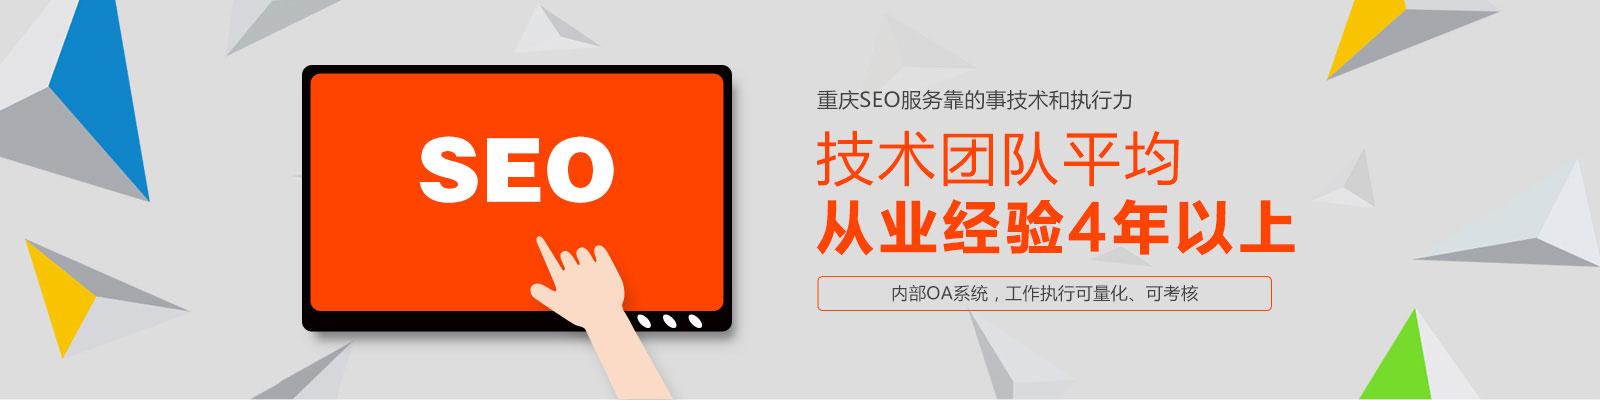 重慶網站關鍵詞優化